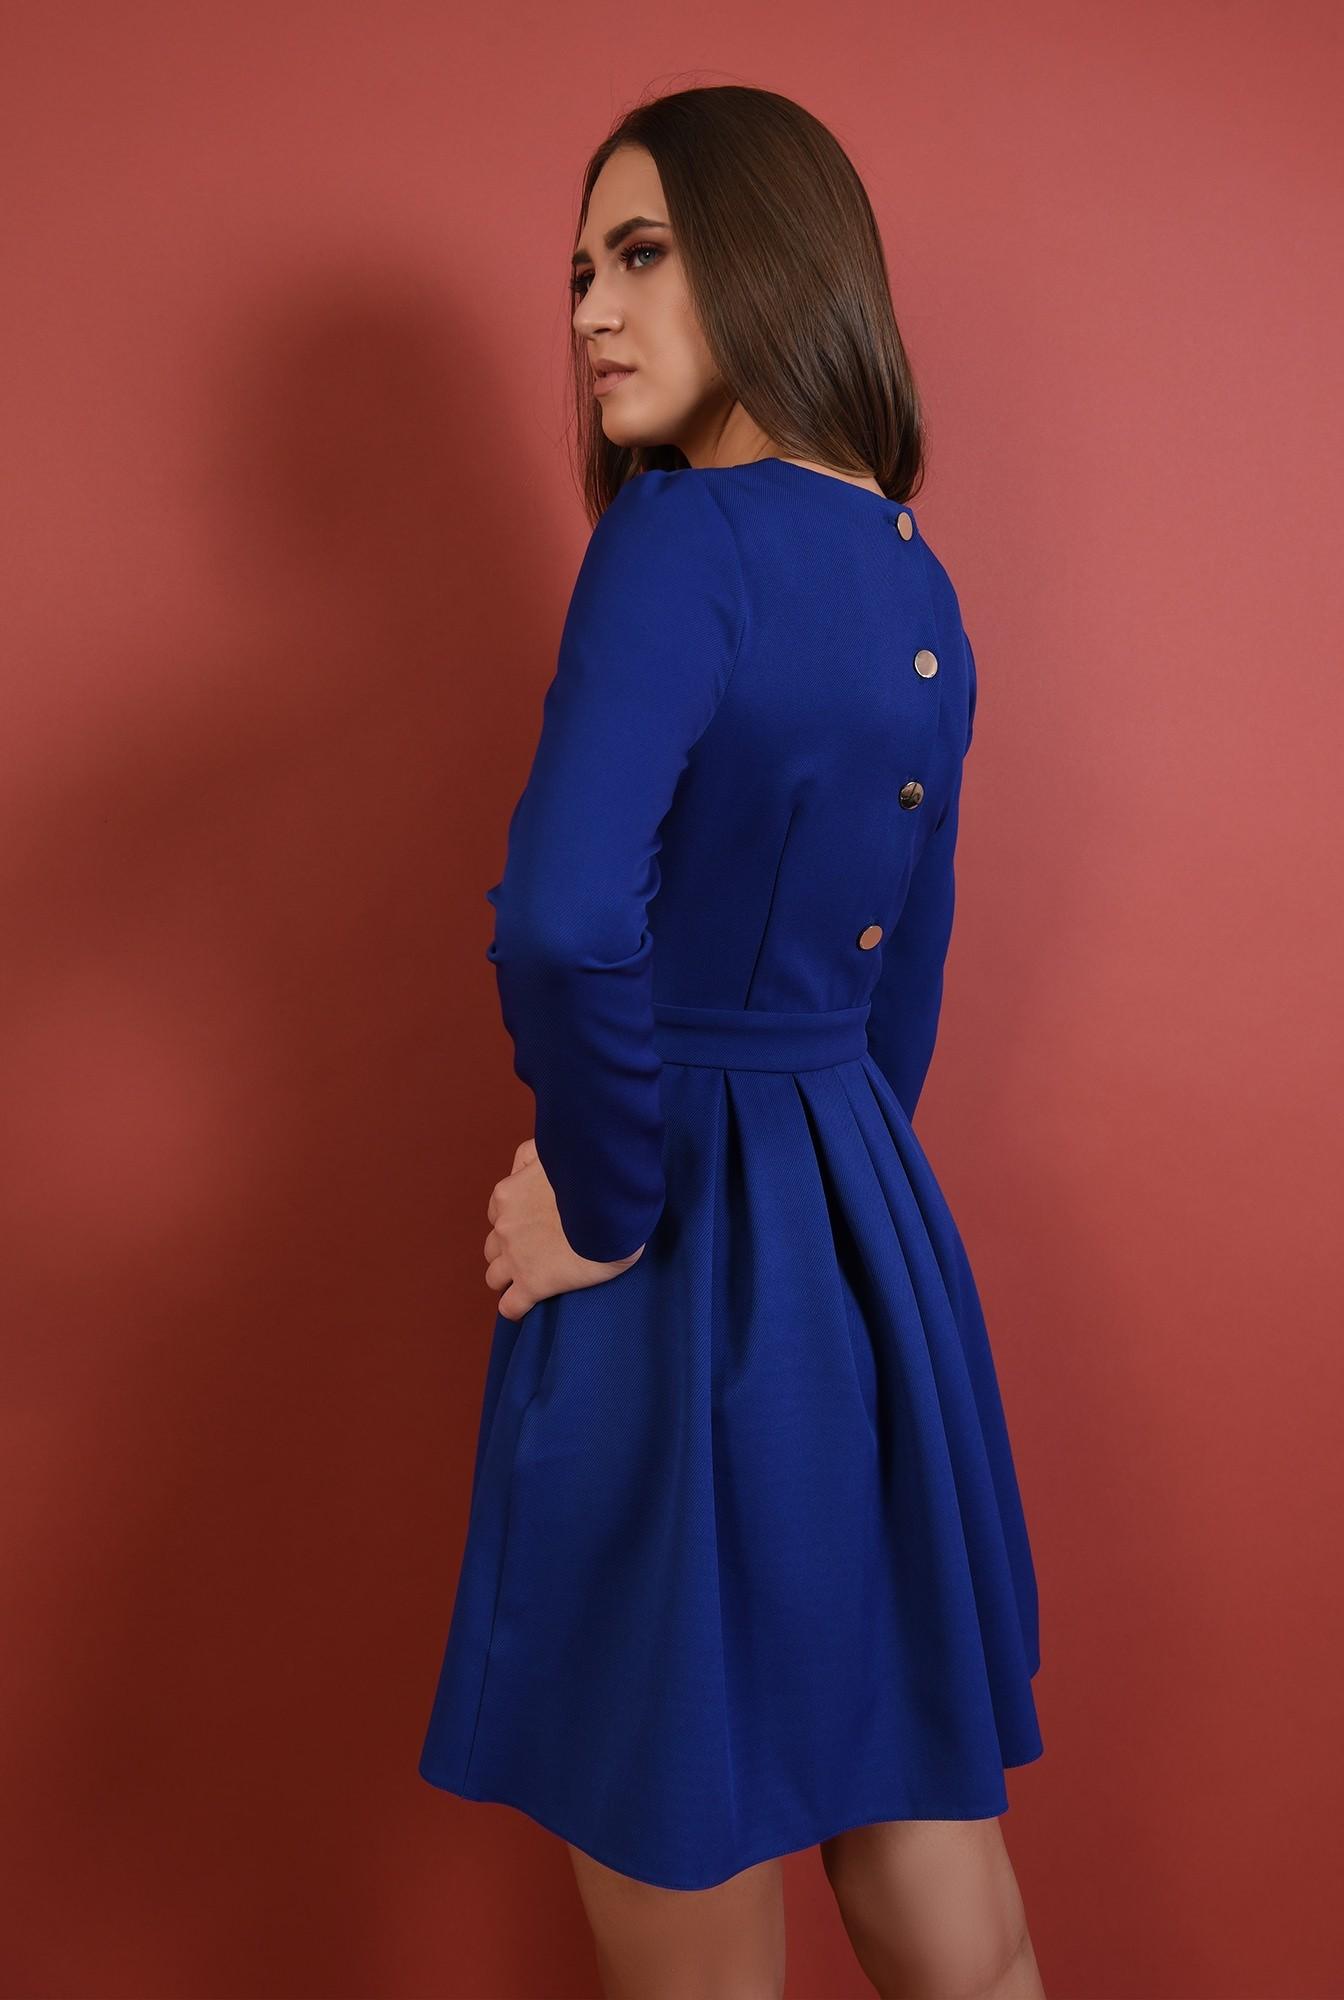 1 - 360 - rochie albastra, cu pliuri, nasturi aurii la spate, croi evazat, Poema